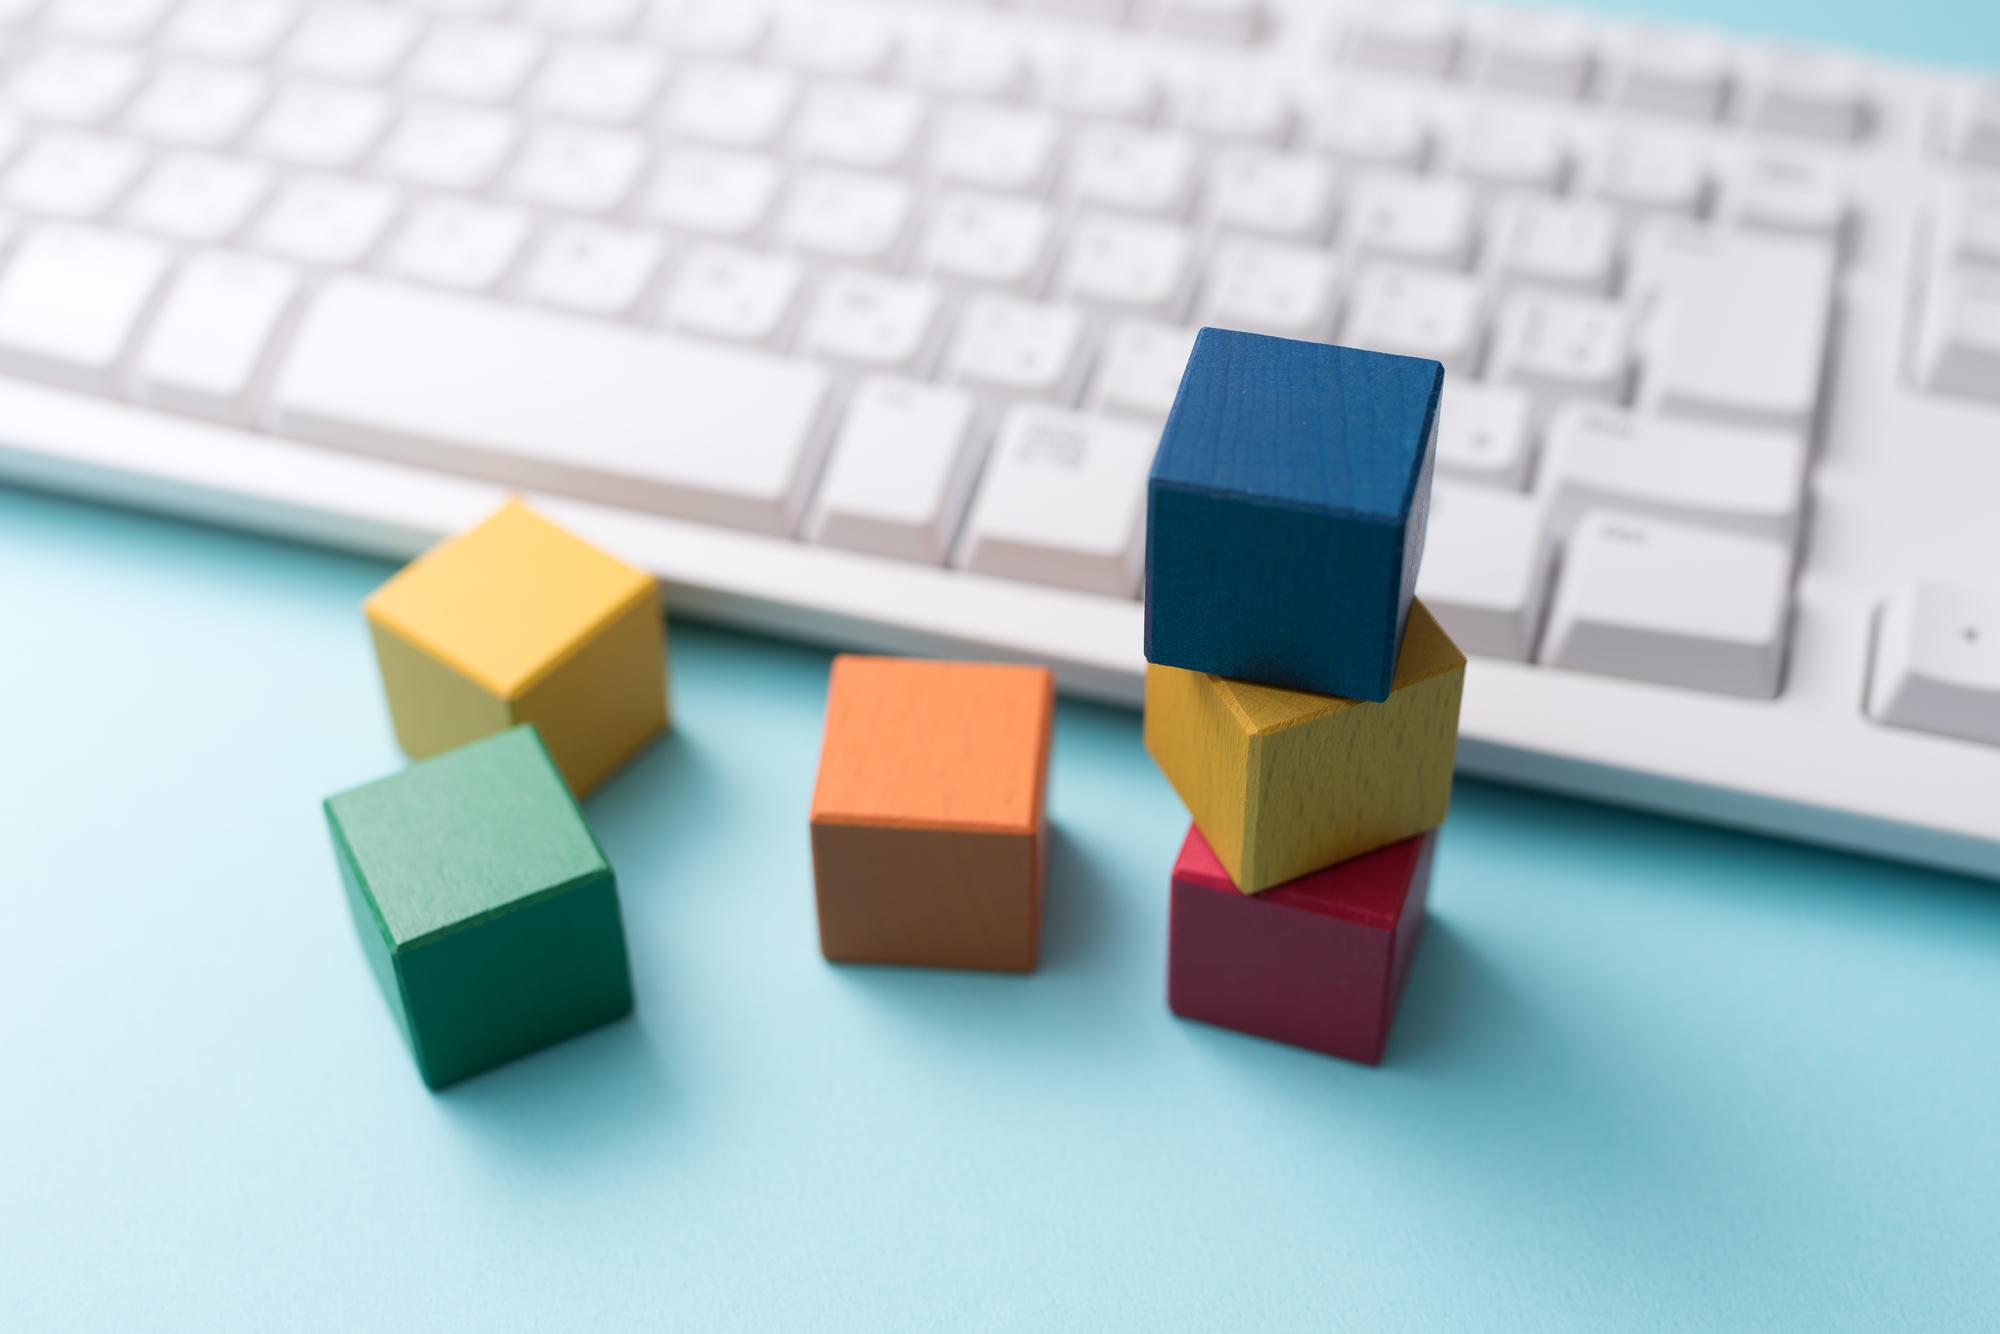 リモートワークでオフィス不要の未来?新しいオフィスのカタチを考える|TIME SHARING|タイムシェアリング |スペースマネジメント|あどばる|adval|SHARING